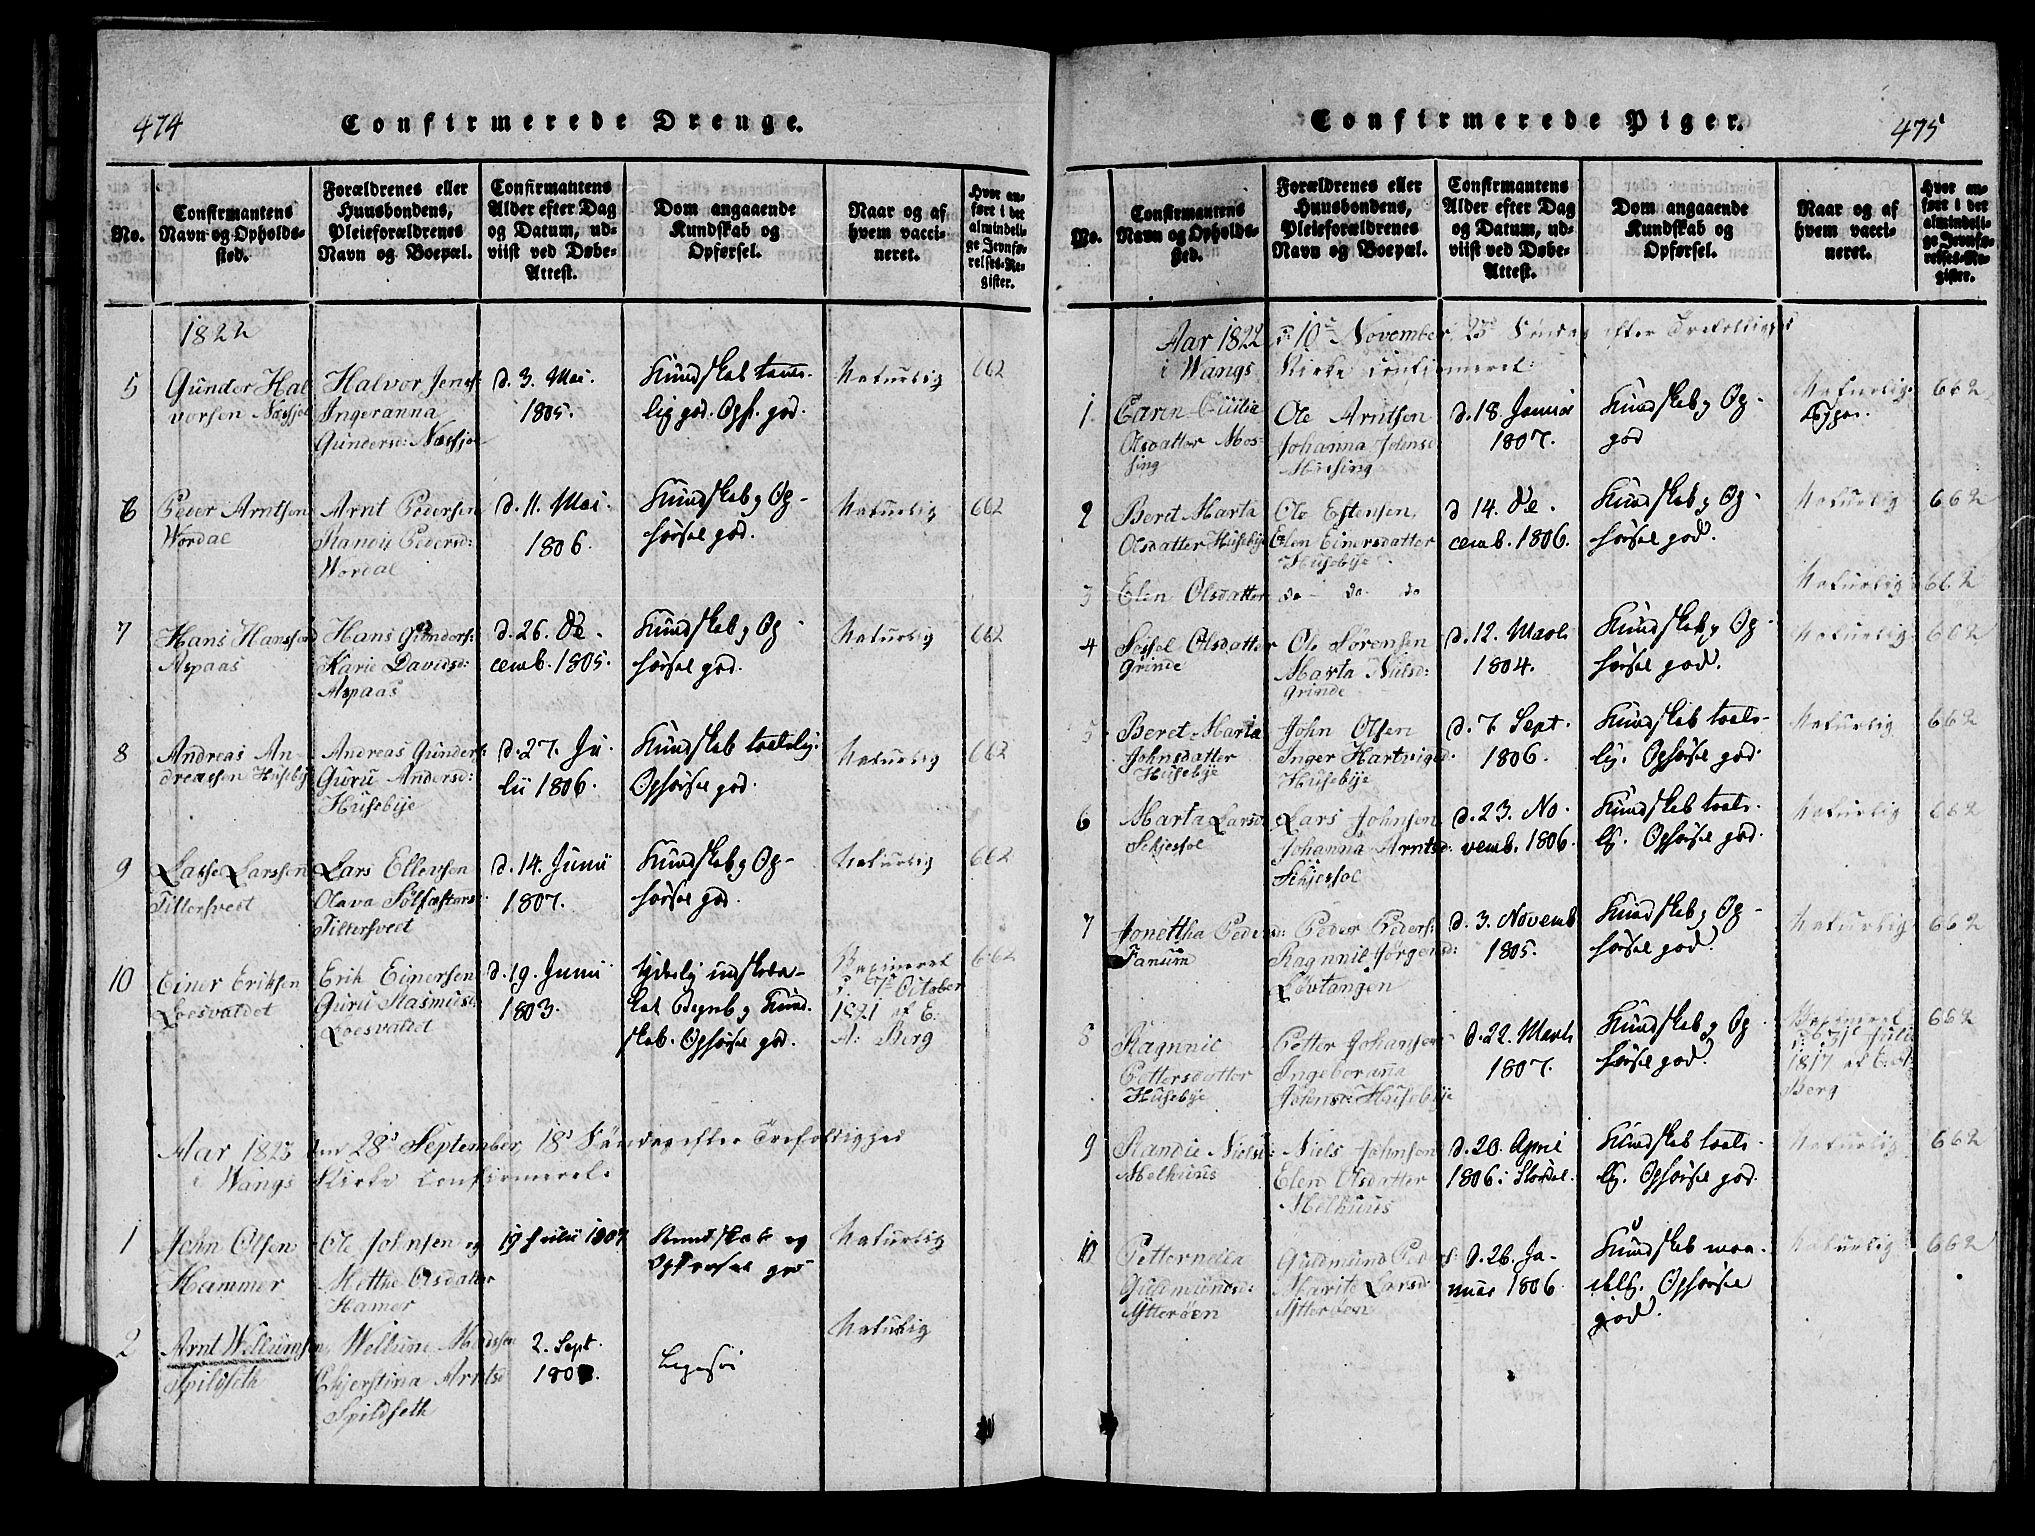 SAT, Ministerialprotokoller, klokkerbøker og fødselsregistre - Nord-Trøndelag, 714/L0132: Klokkerbok nr. 714C01, 1817-1824, s. 474-475